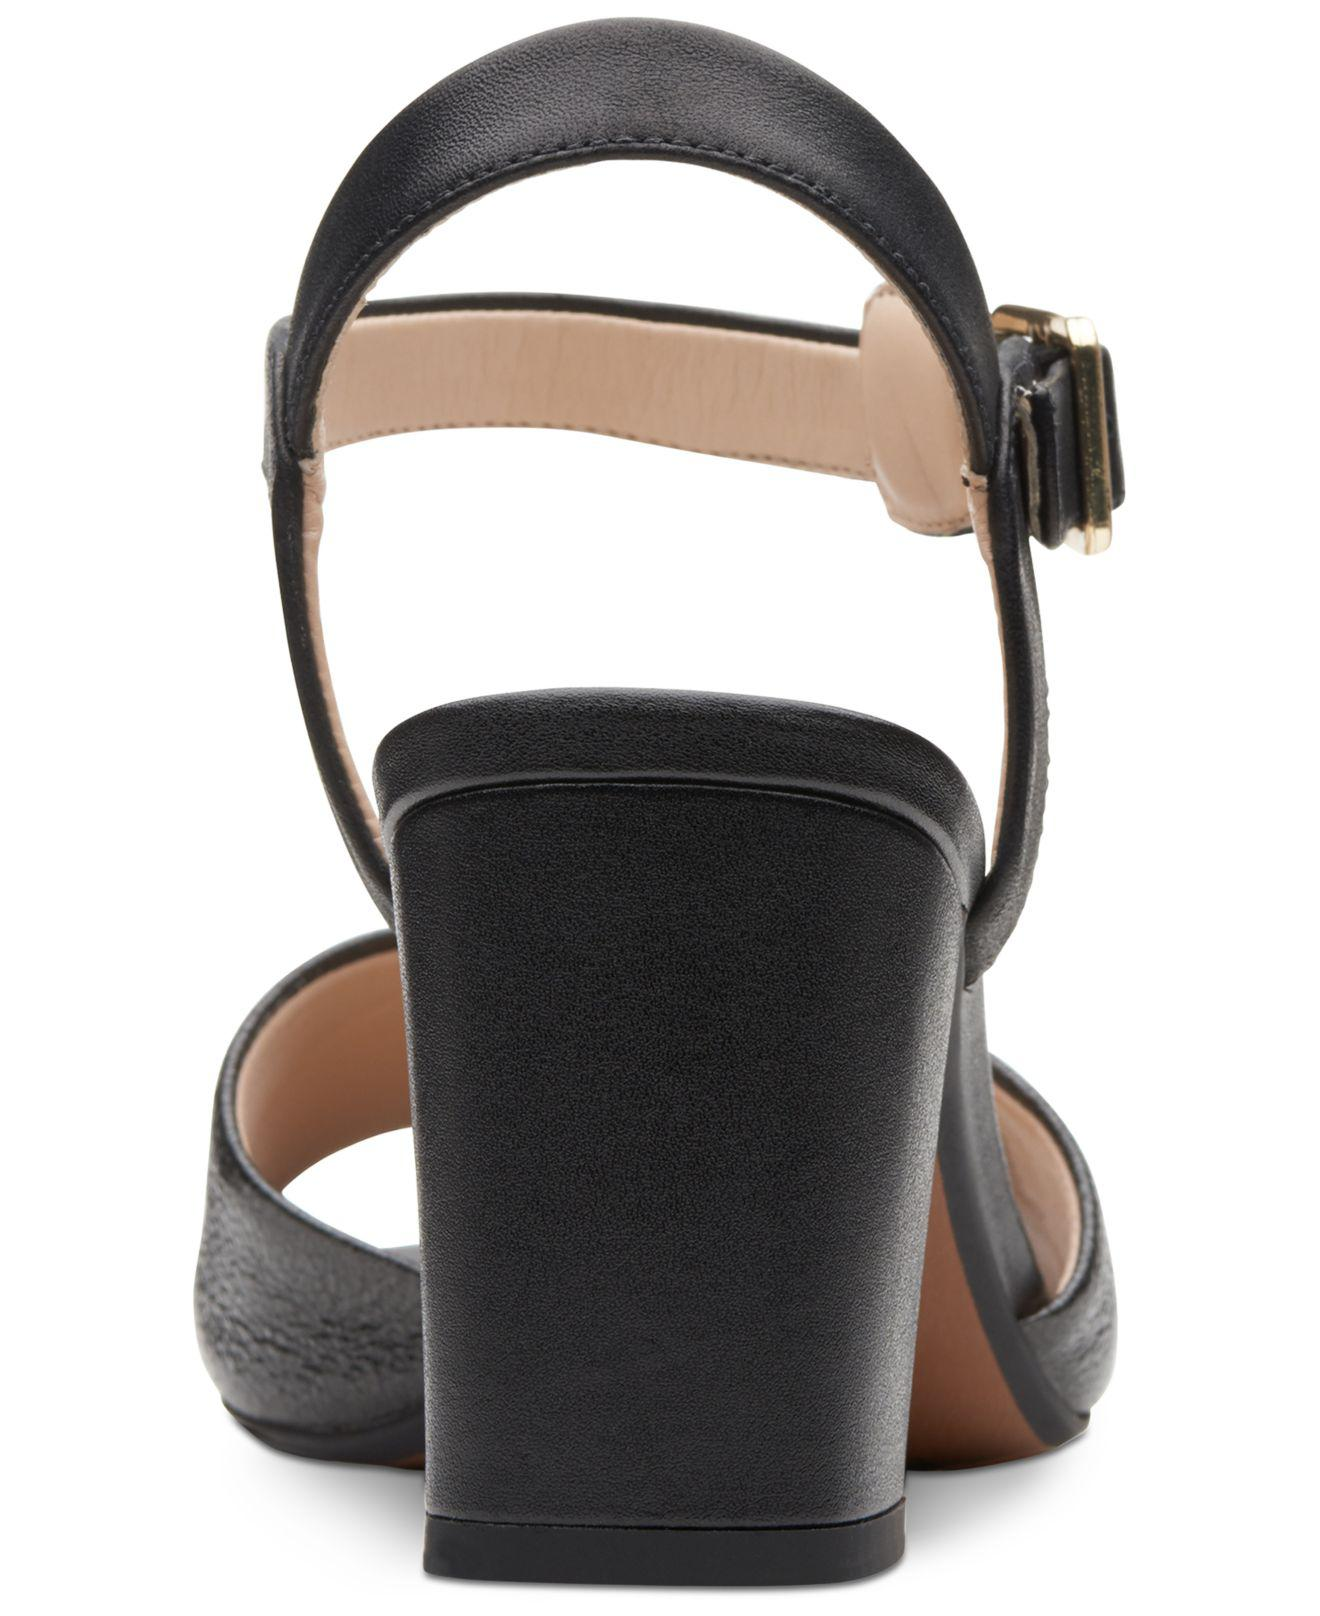 b8b9b871dce3 Lyst - Clarks Deva Quest Dress Sandals in Black